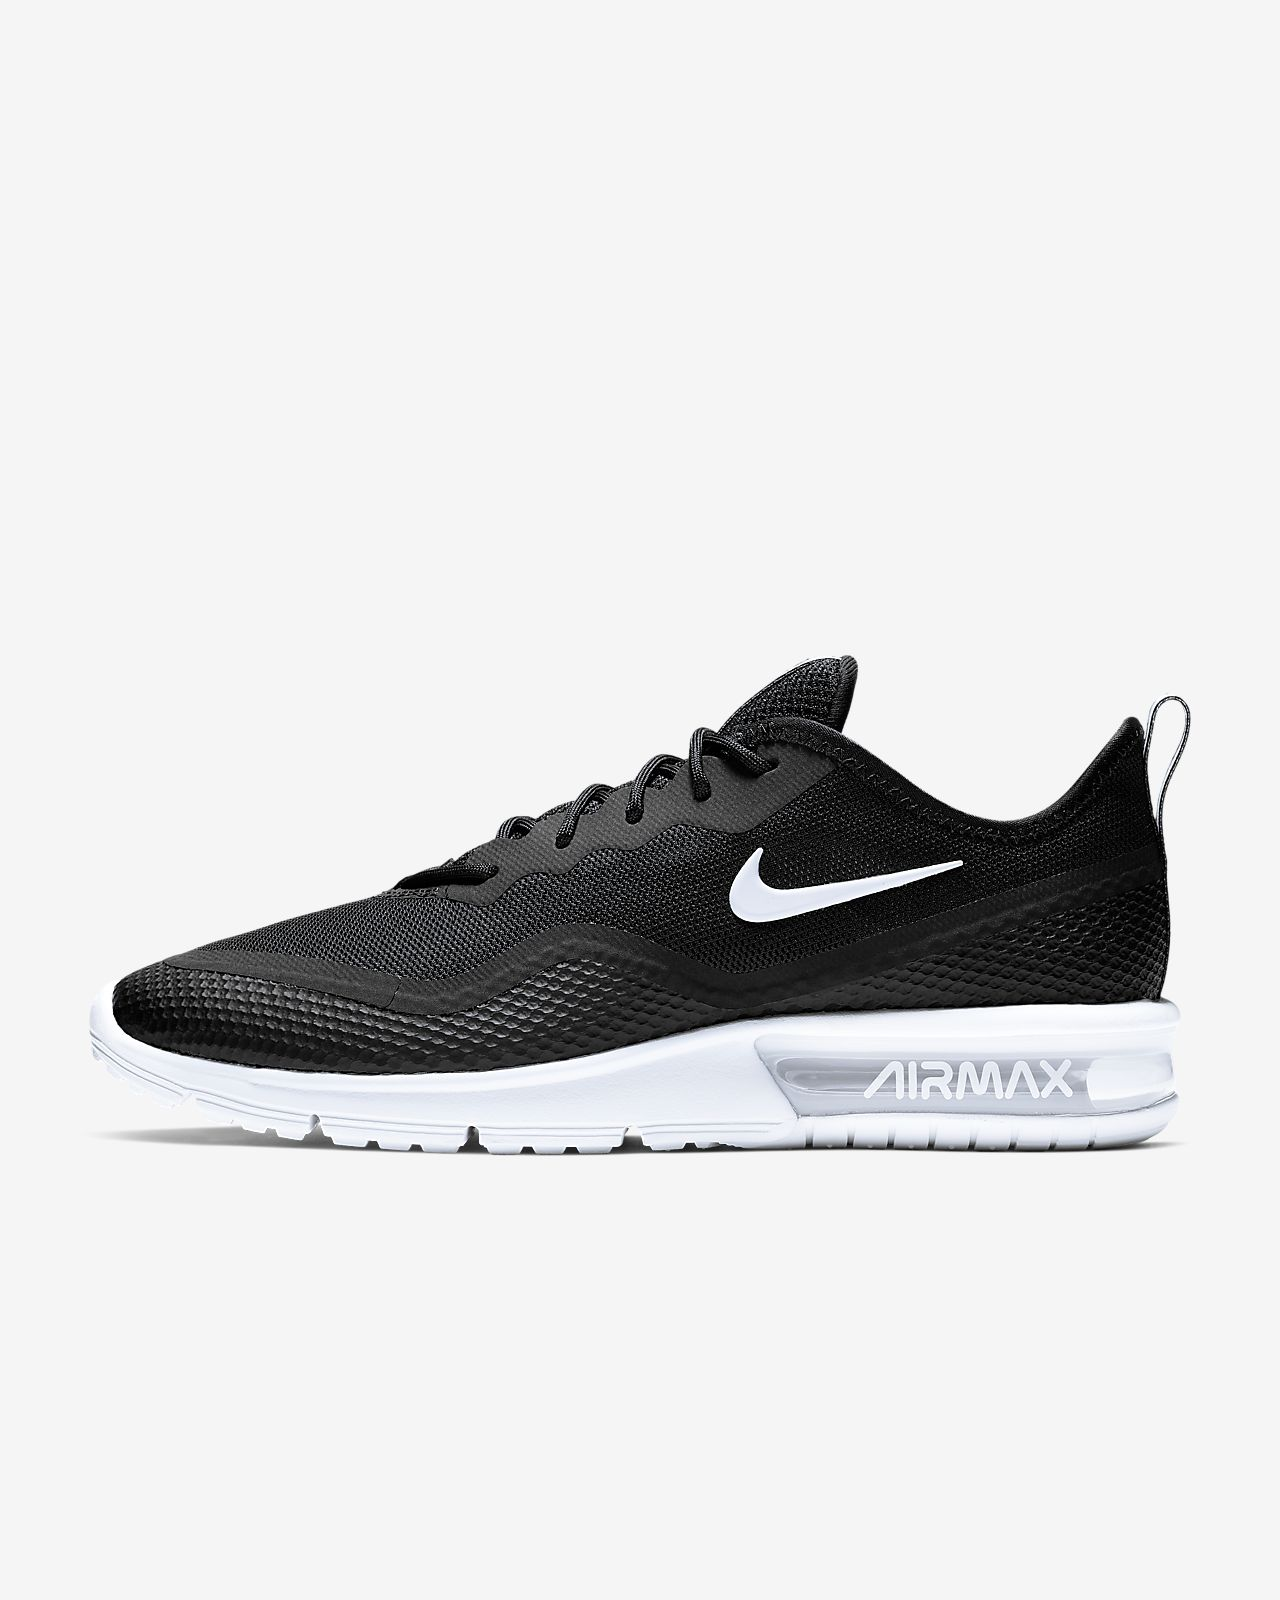 1e9fda99 Nike Air Max Sequent 4,5 Zapatillas de running - Hombre. Nike.com ES